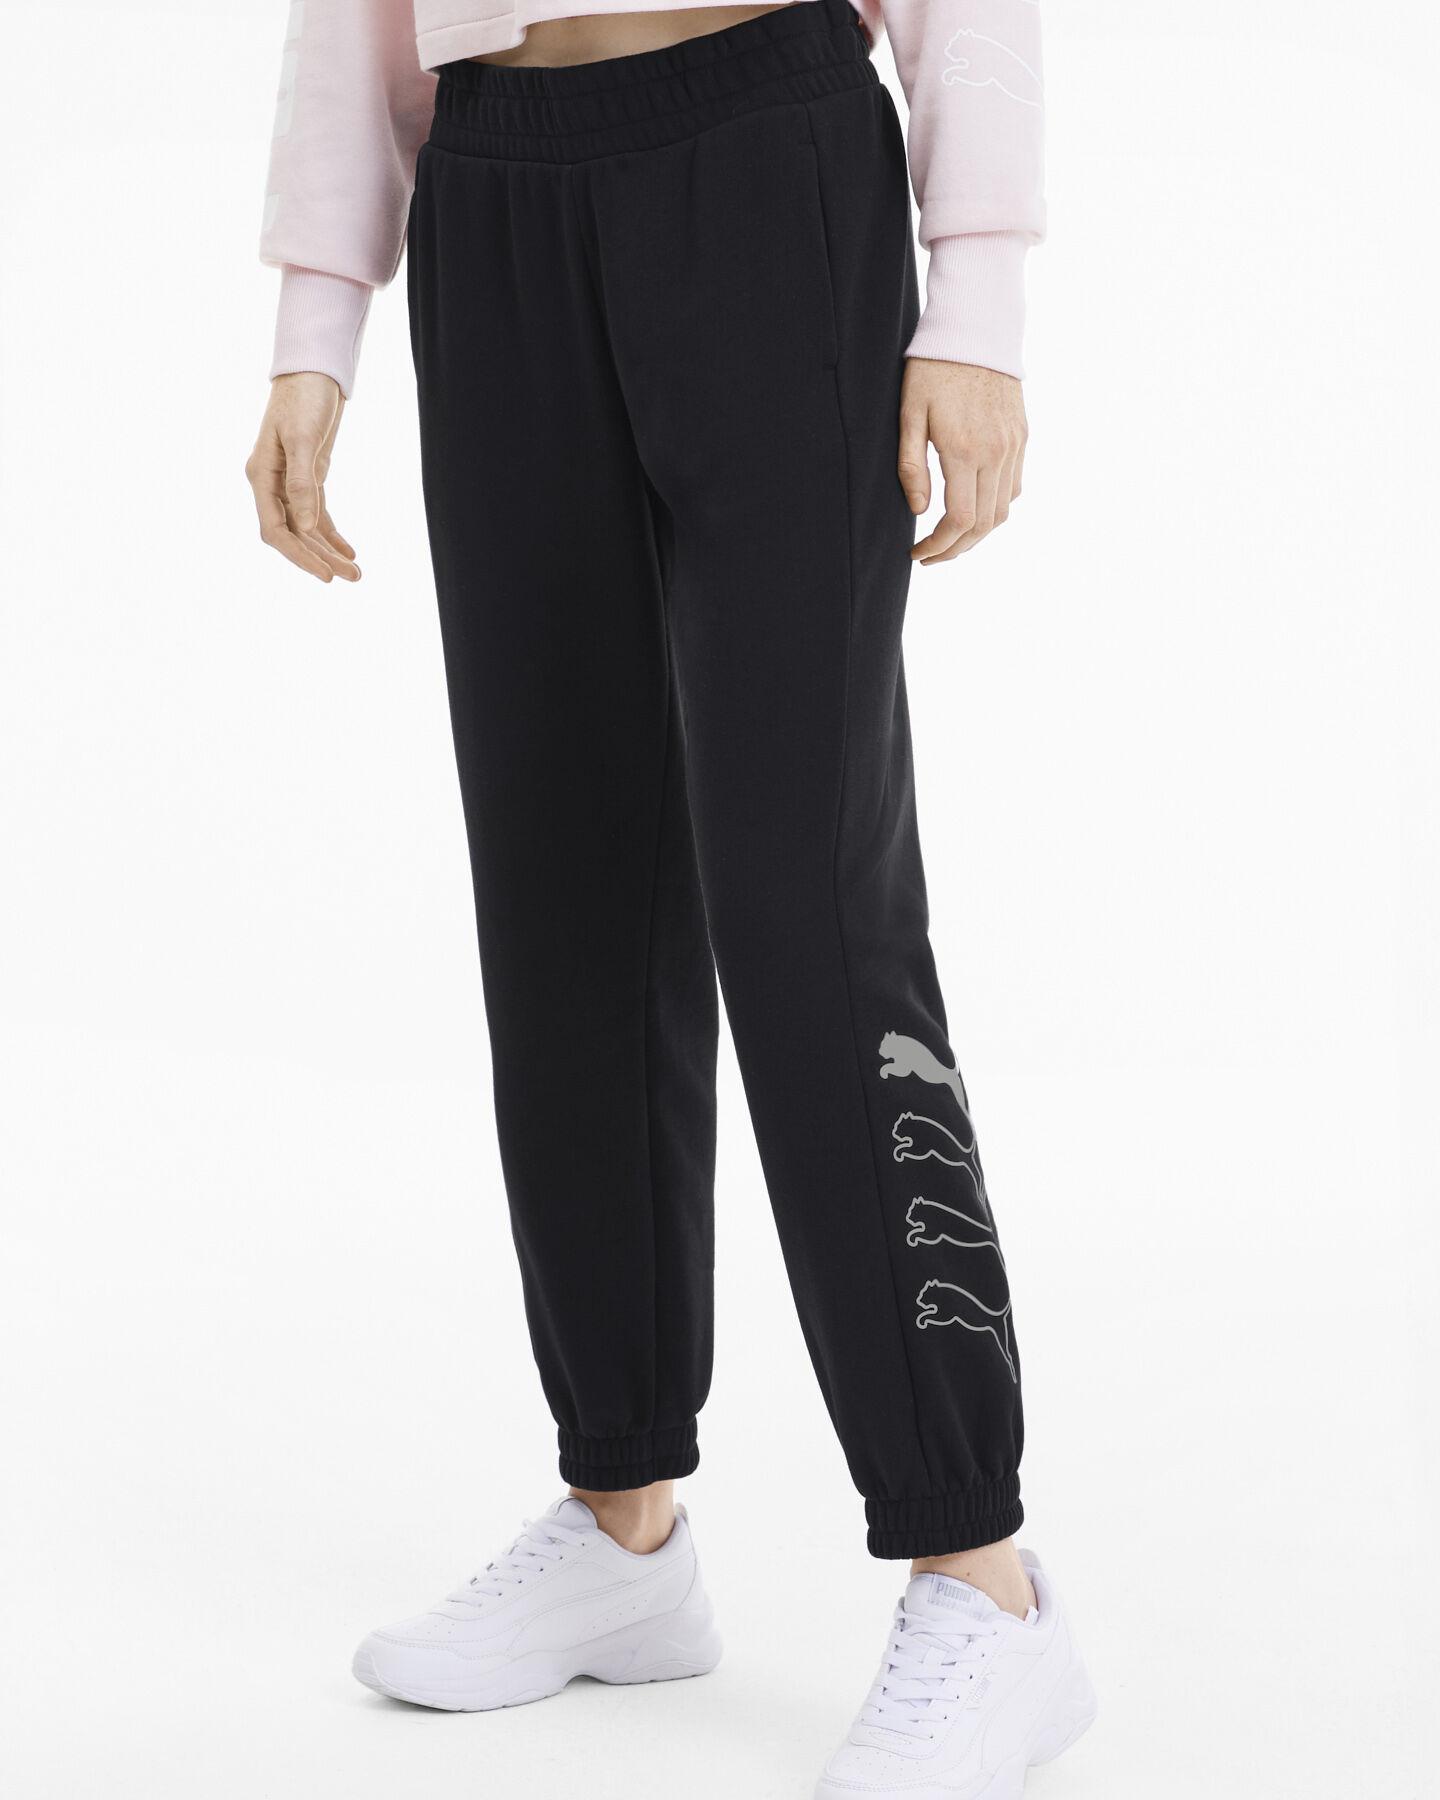 Pantalone PUMA REBEL W S5172783 scatto 2